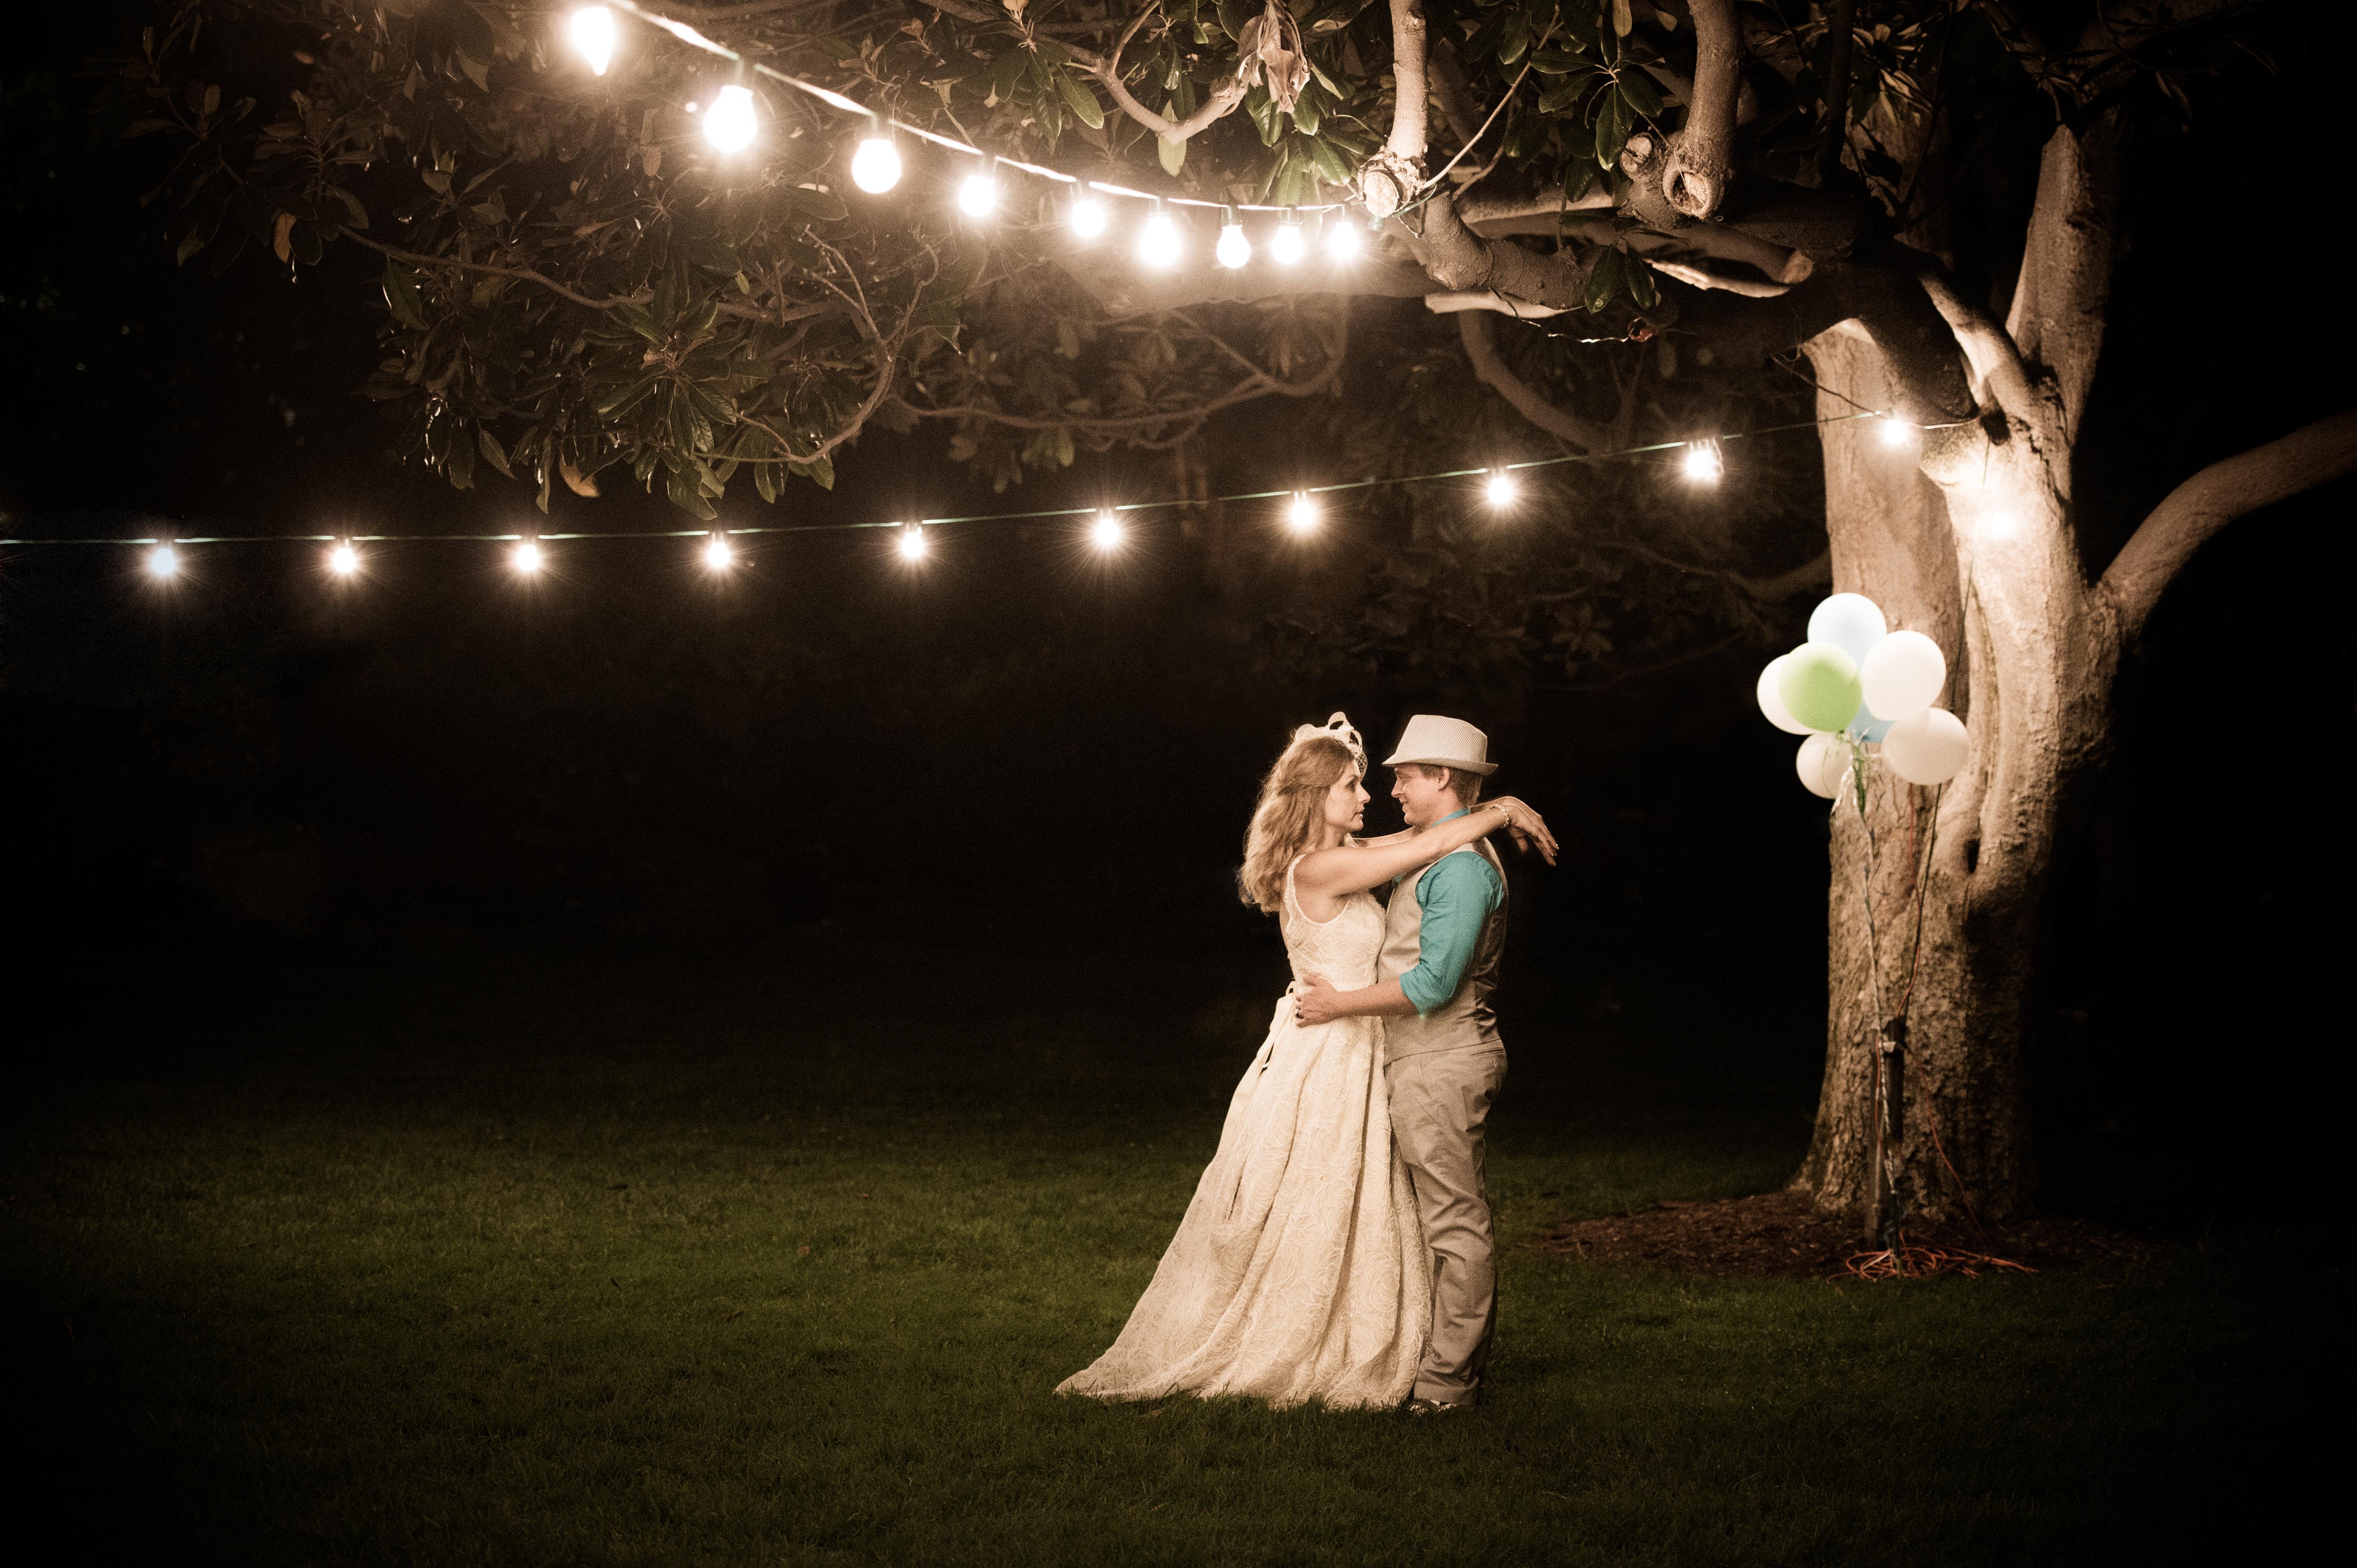 wedding-photography-8